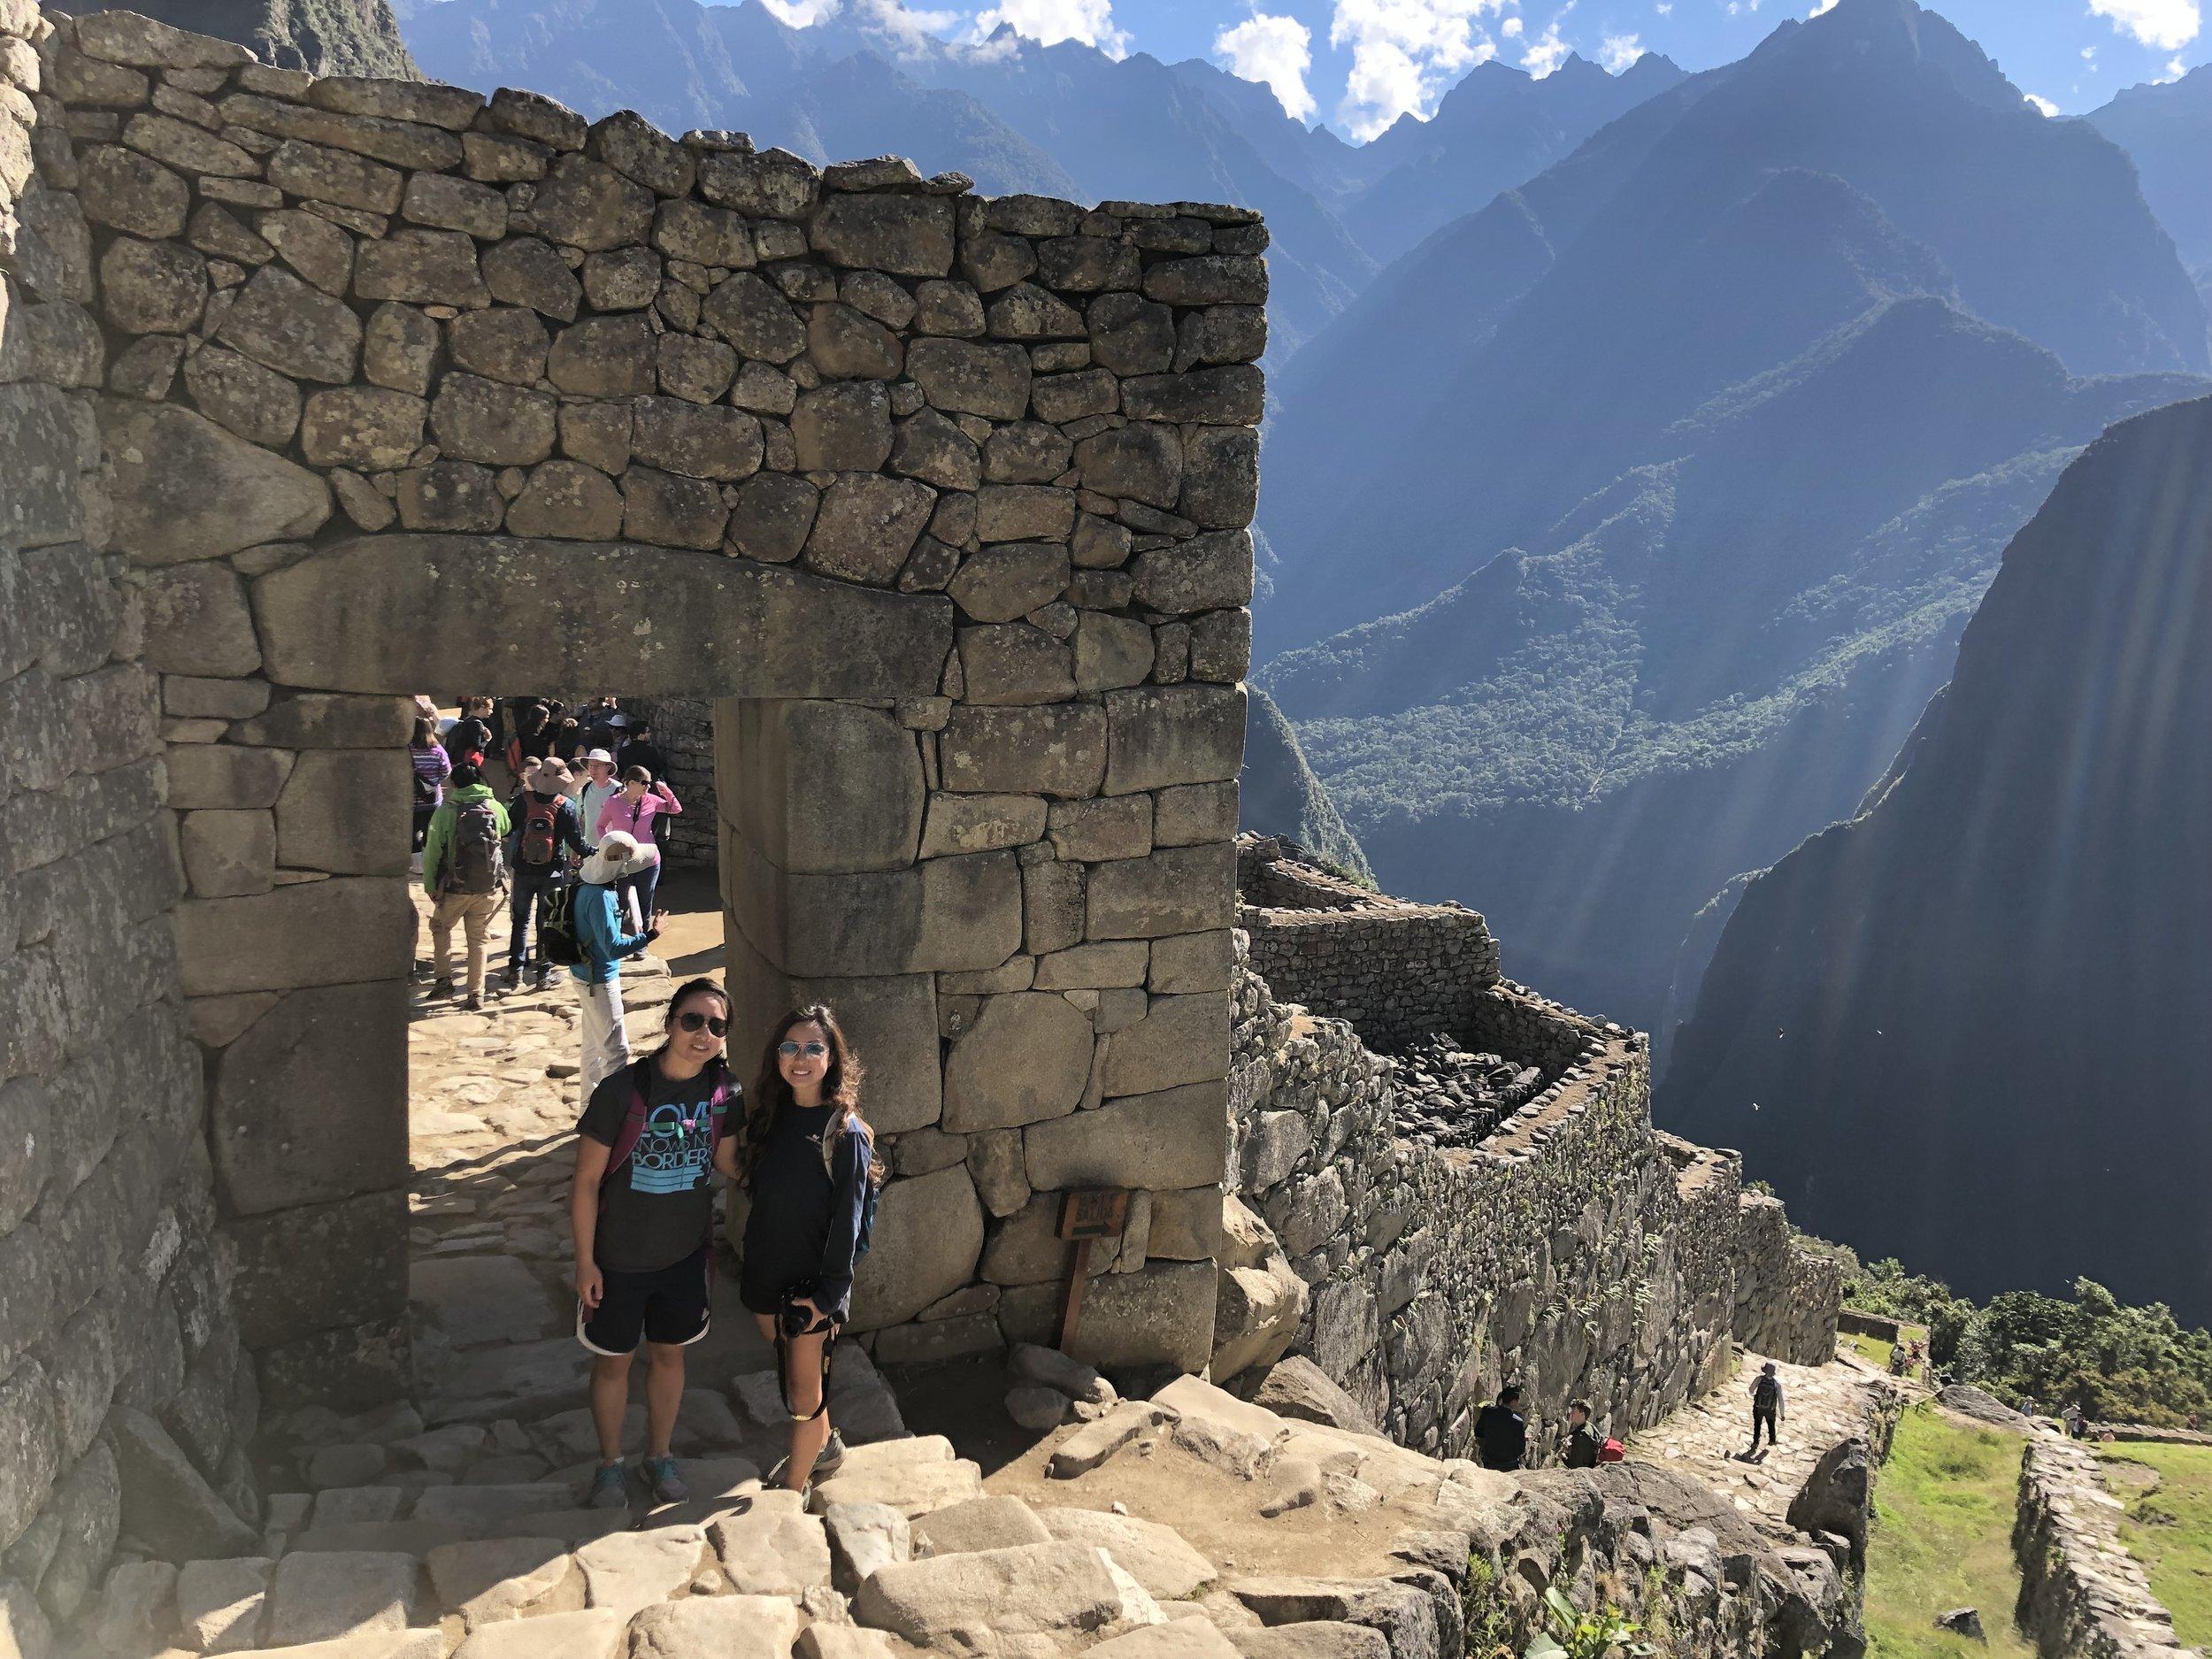 Entrance into Machu Picchu city